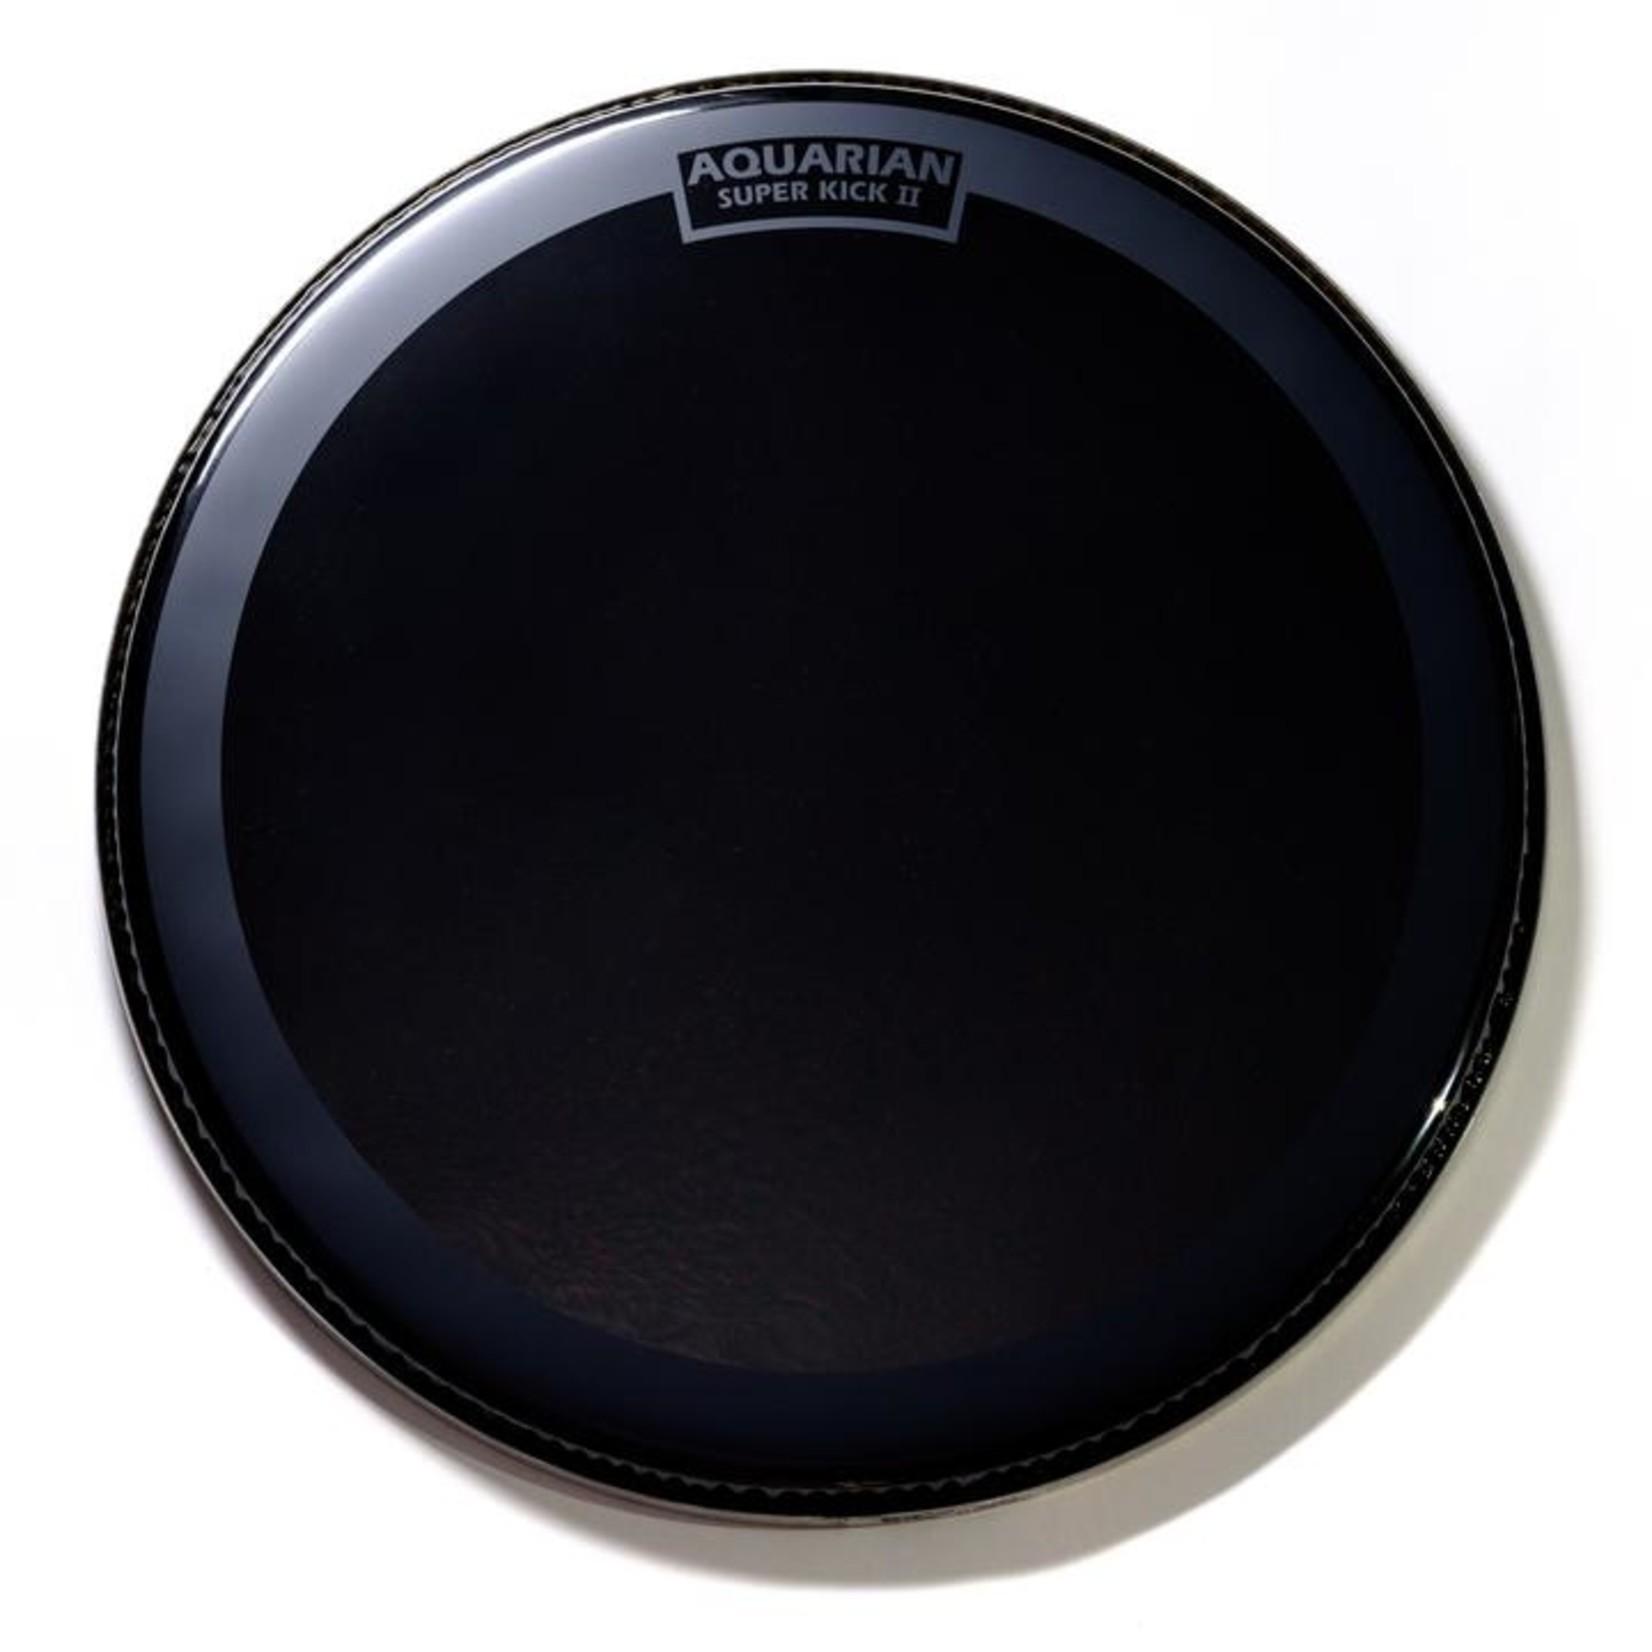 Aquarian Aquarian Reflector Black Mirror w/ Super Kick Ring Bass Drum